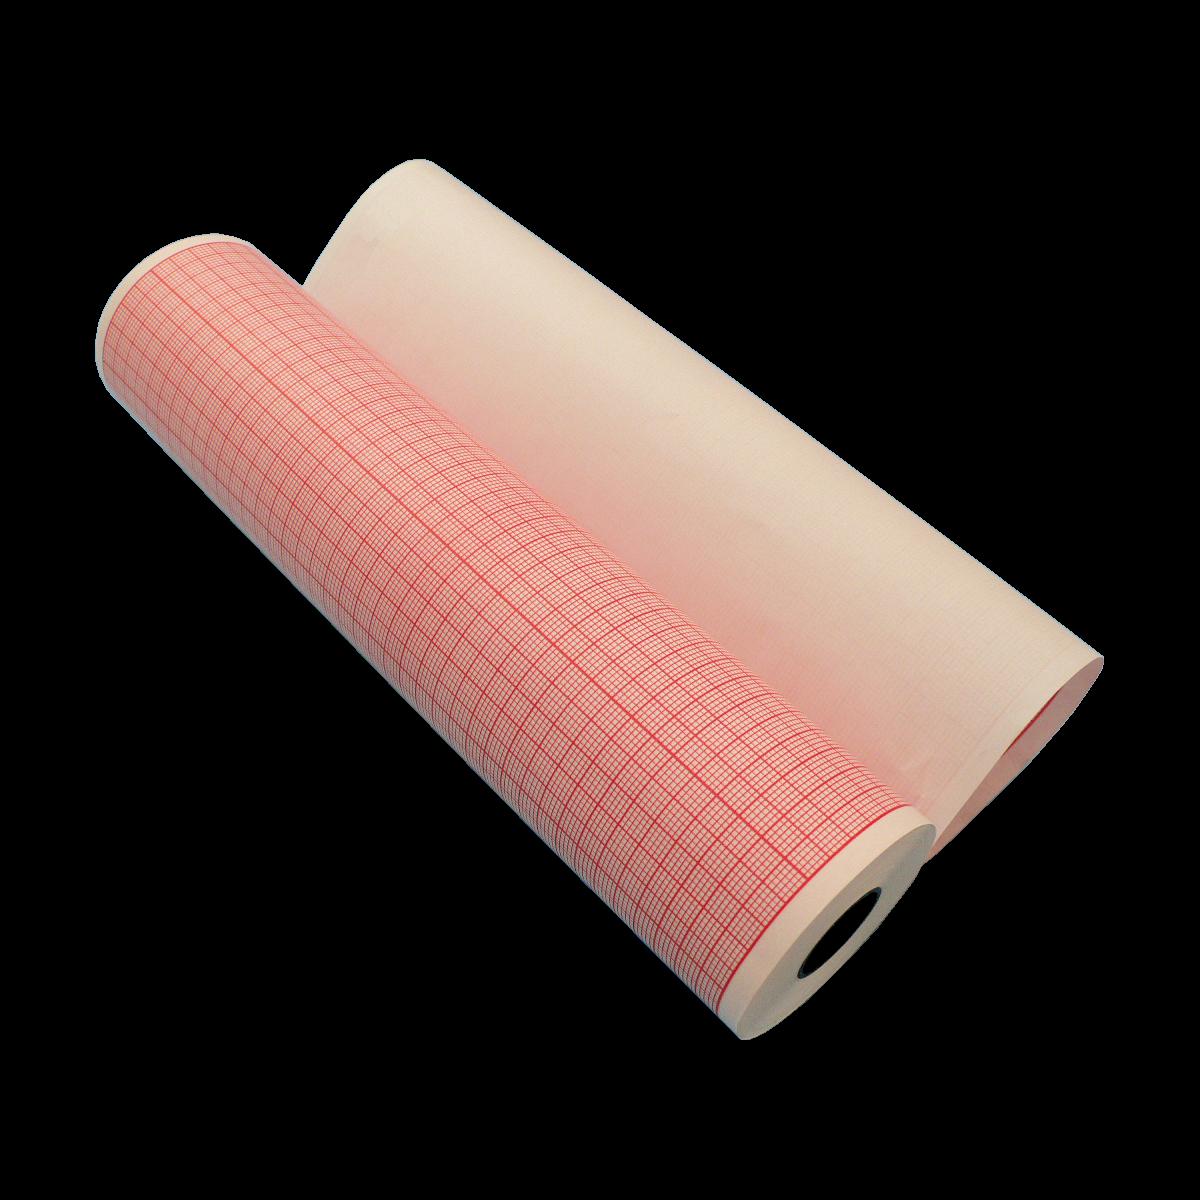 145х30х16, бумага ЭКГ для Fucuda, Nihon Kohden, реестр 4054/5